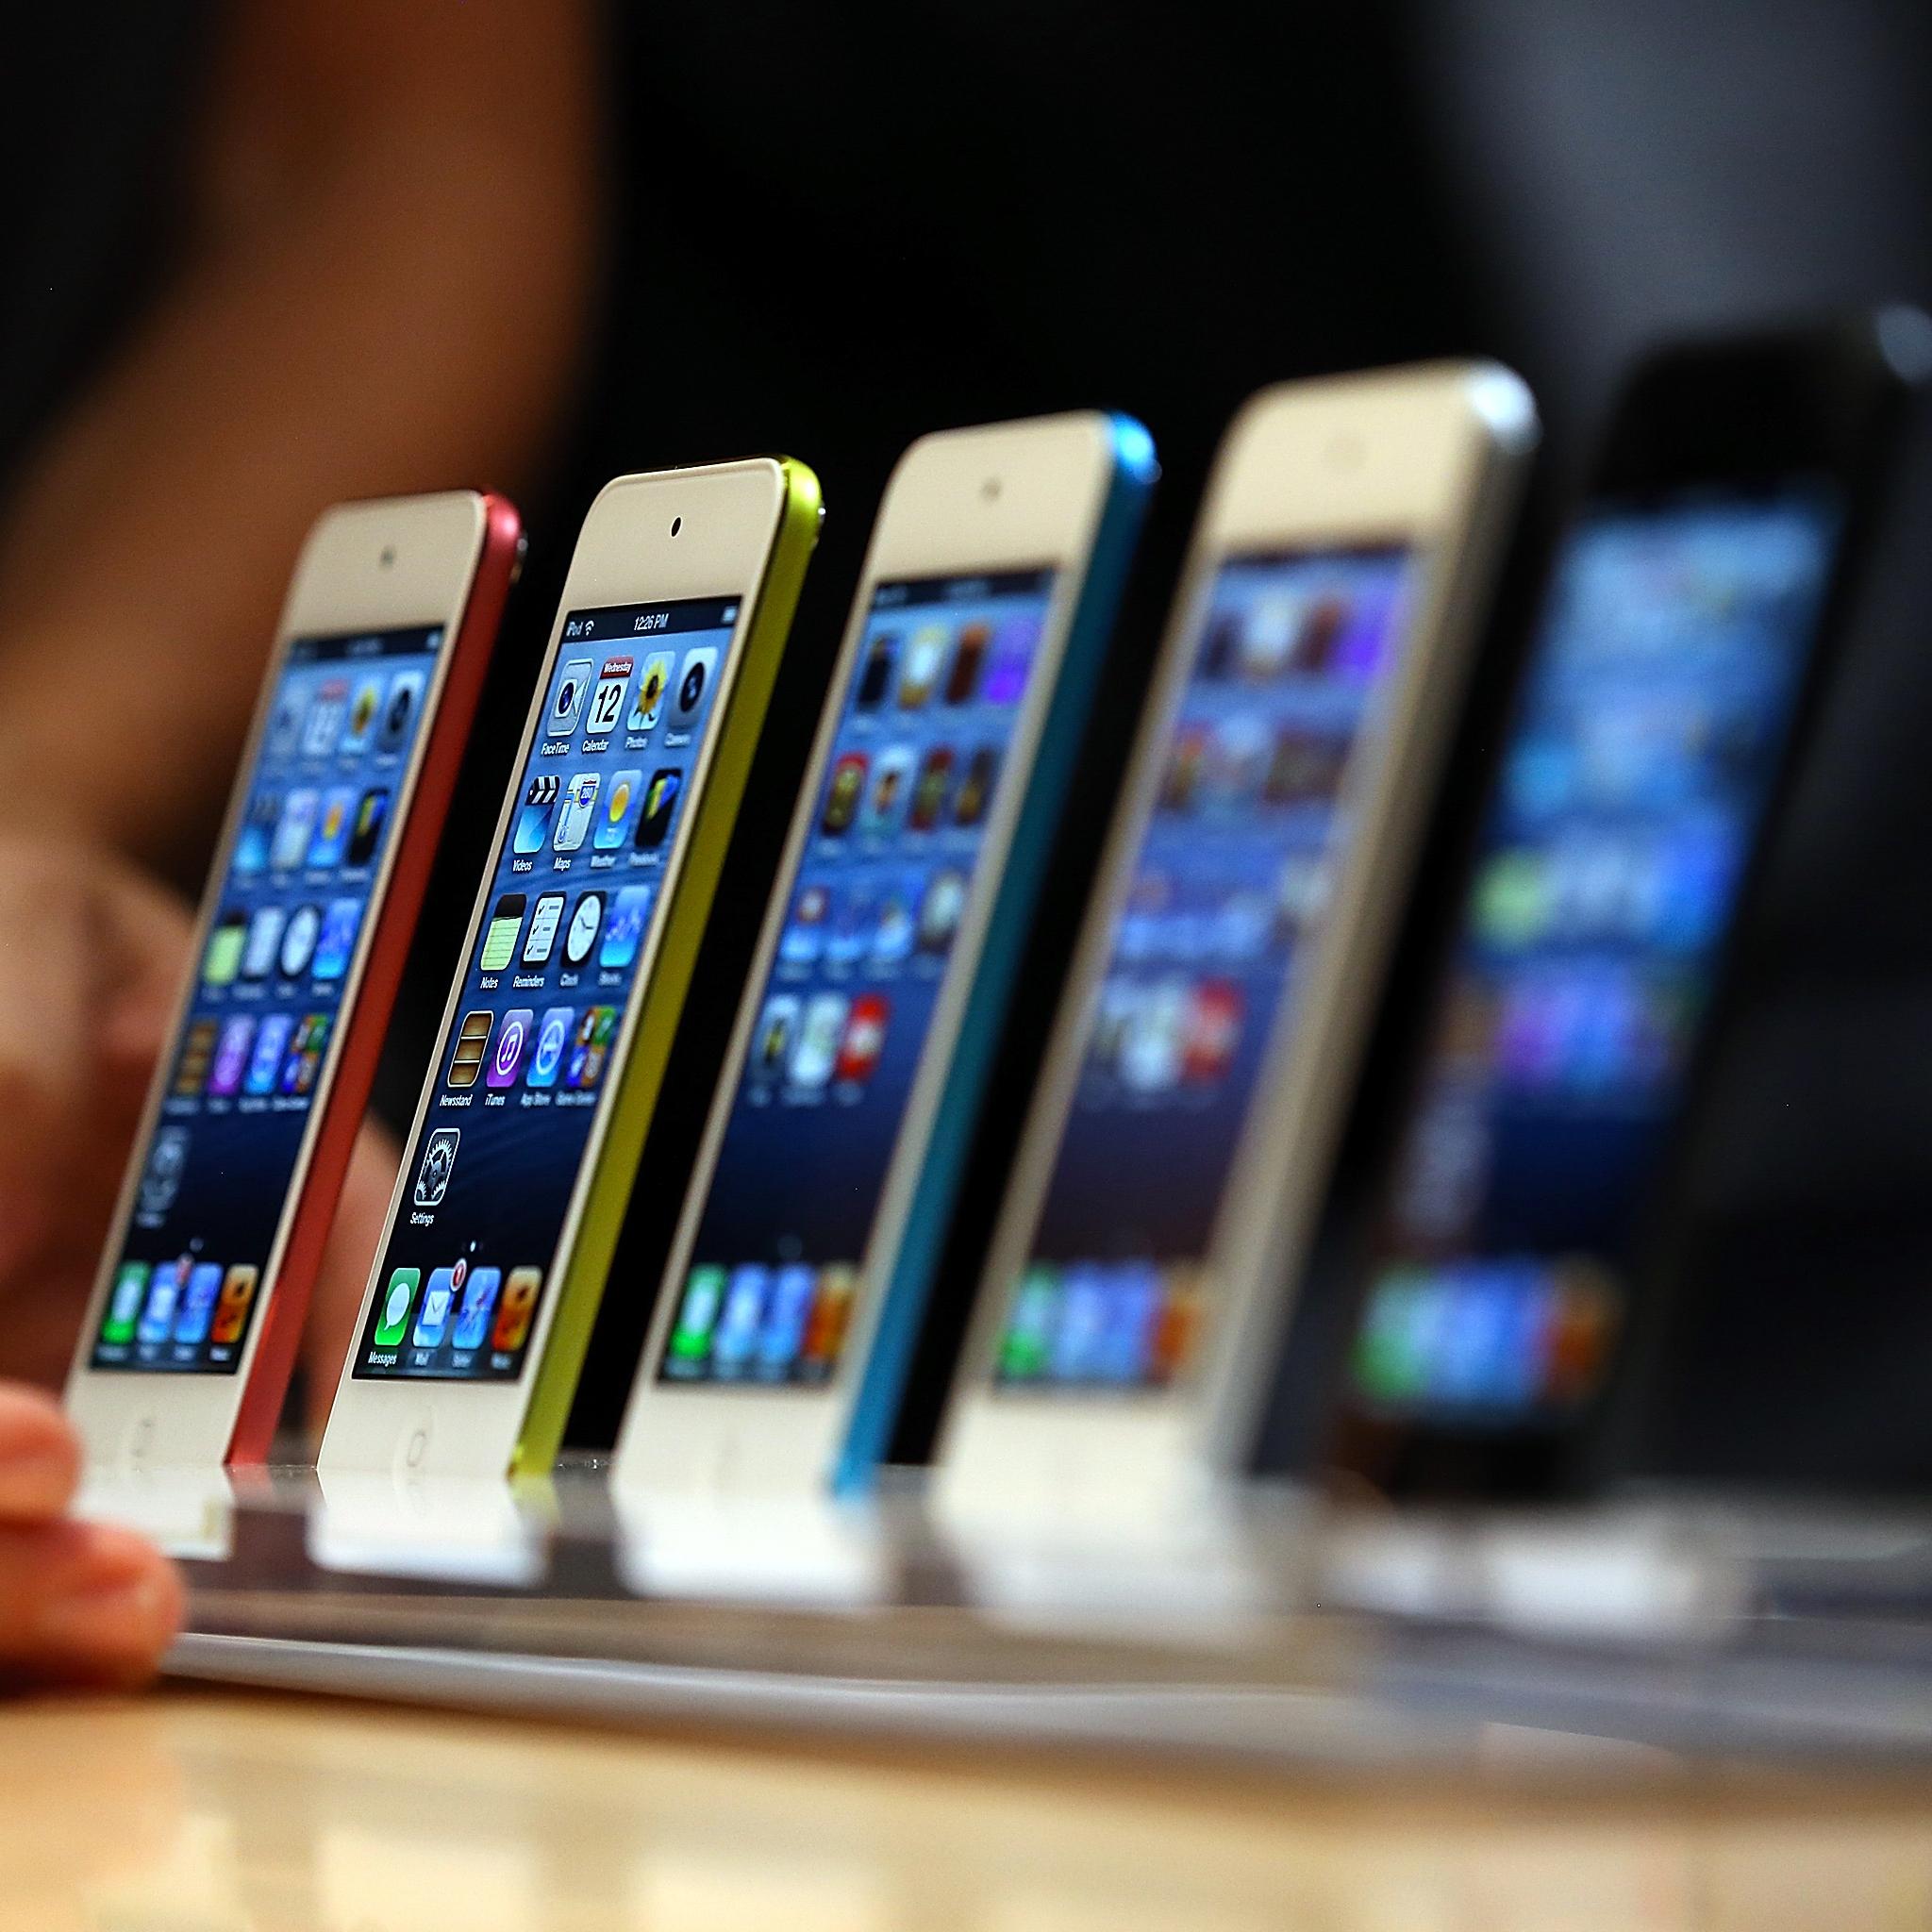 Introduces iPhone 5 3Wallpapers iPad Retina Introduce iPhone 5   iPad Retina